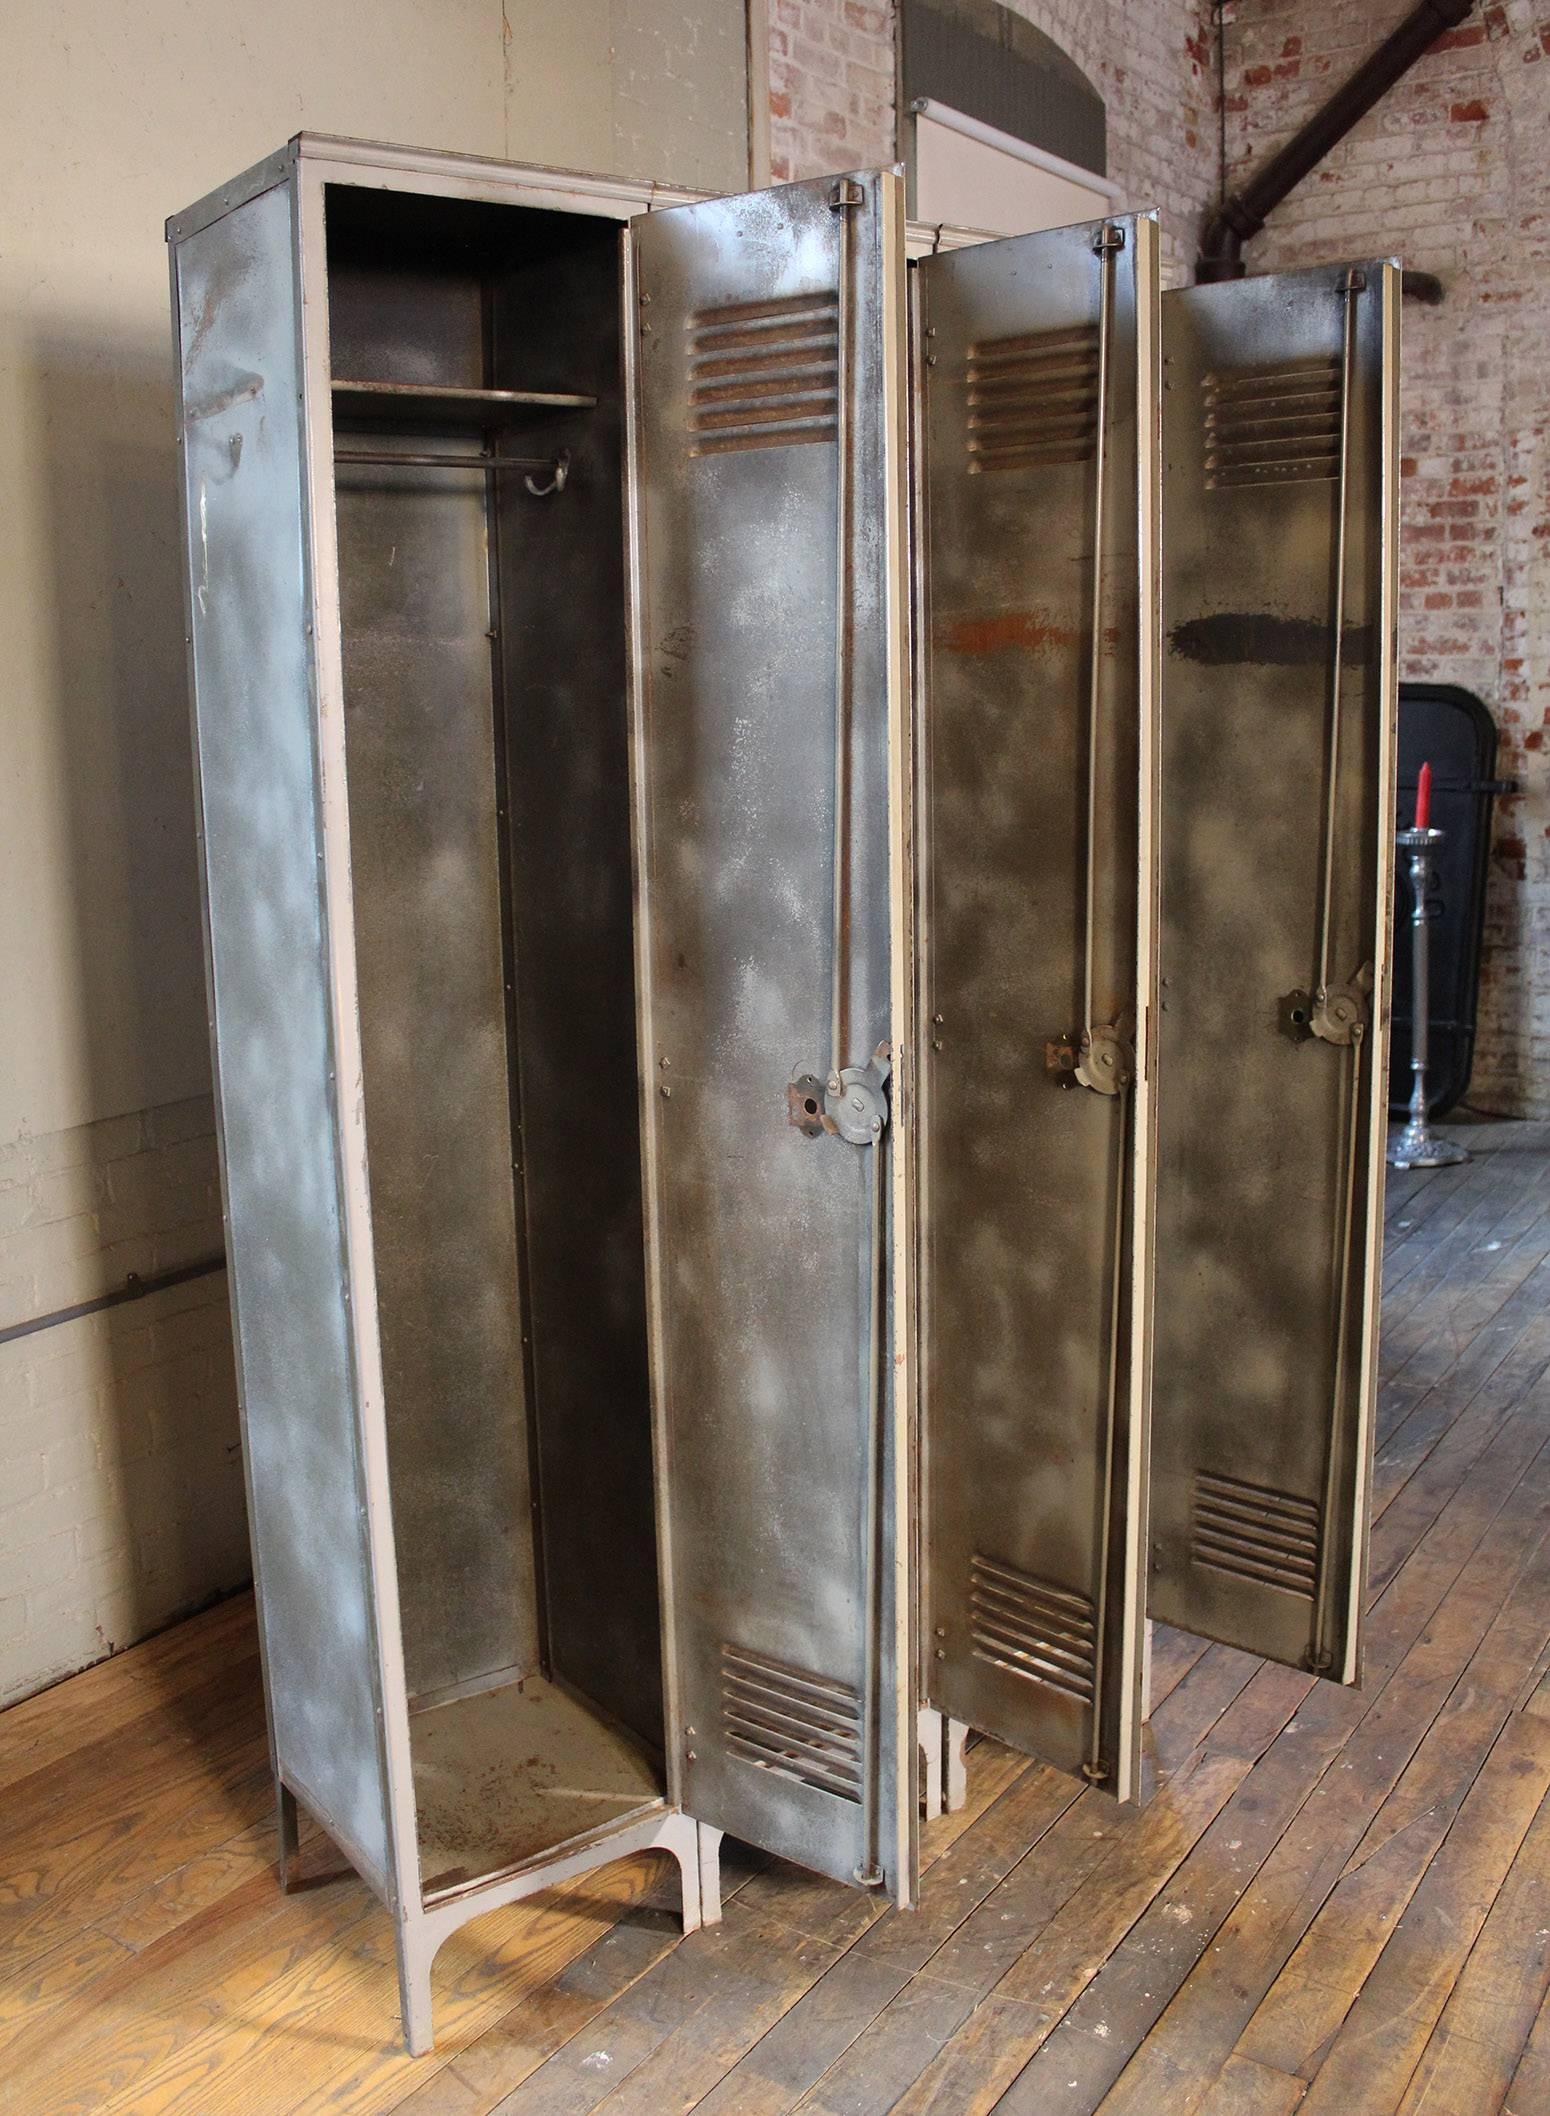 Storage Lockers Vintage Industrial Set Of Three Metal Steel Gym School 2